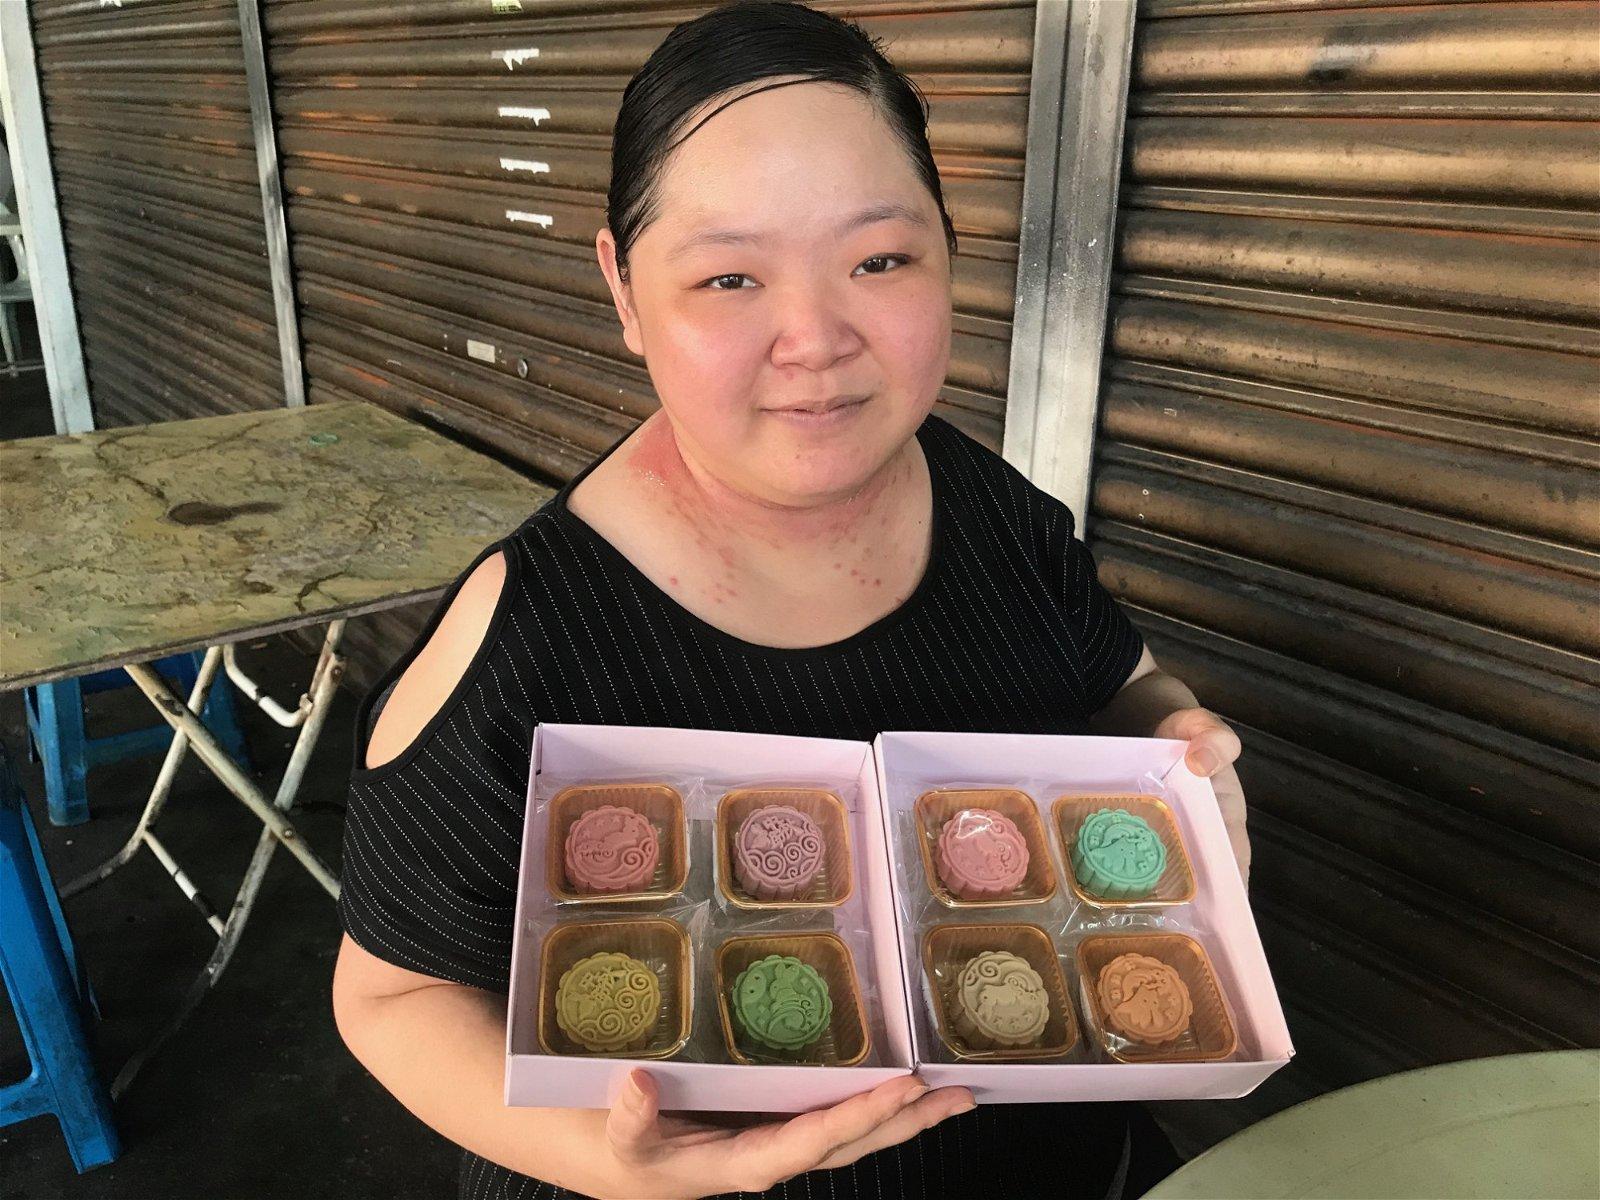 林淑婷披露,明年的中秋节或推出来自各国的月饼,让顾客大饱口福。